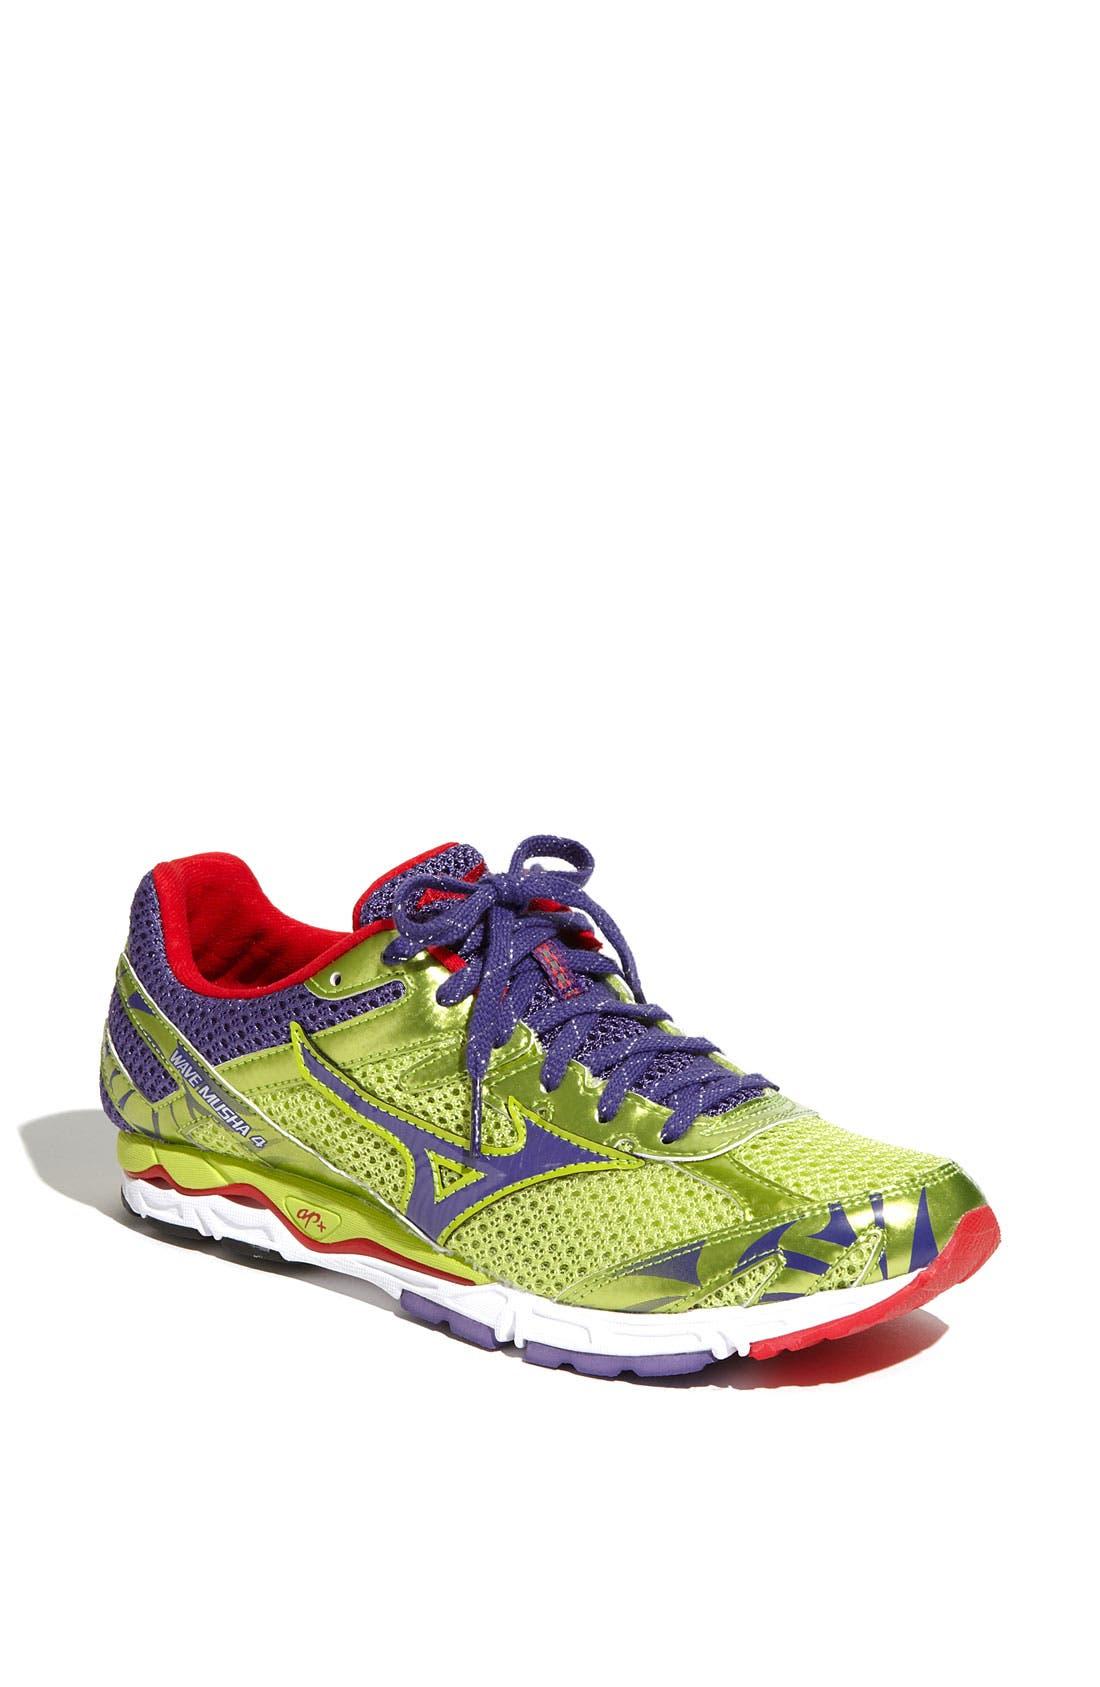 Alternate Image 1 Selected - Mizuno 'Wave Musha 4' Running Shoe (Women) (Regular Retail Price: $89.95)